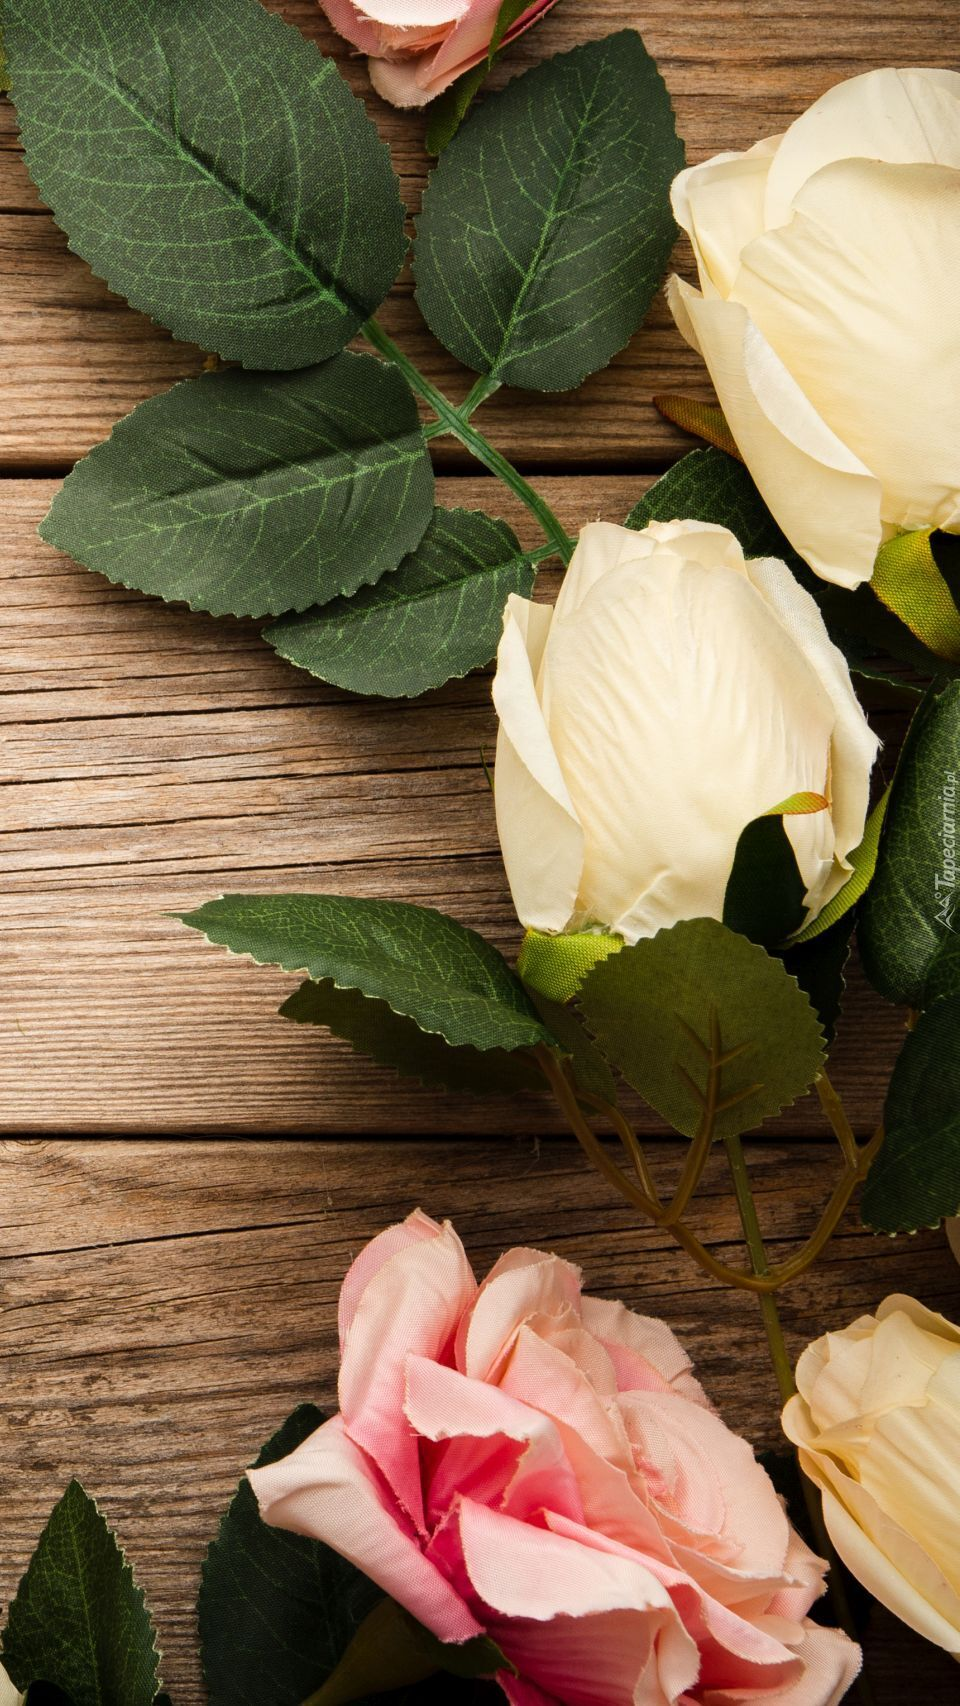 Róże ułożone na deskach